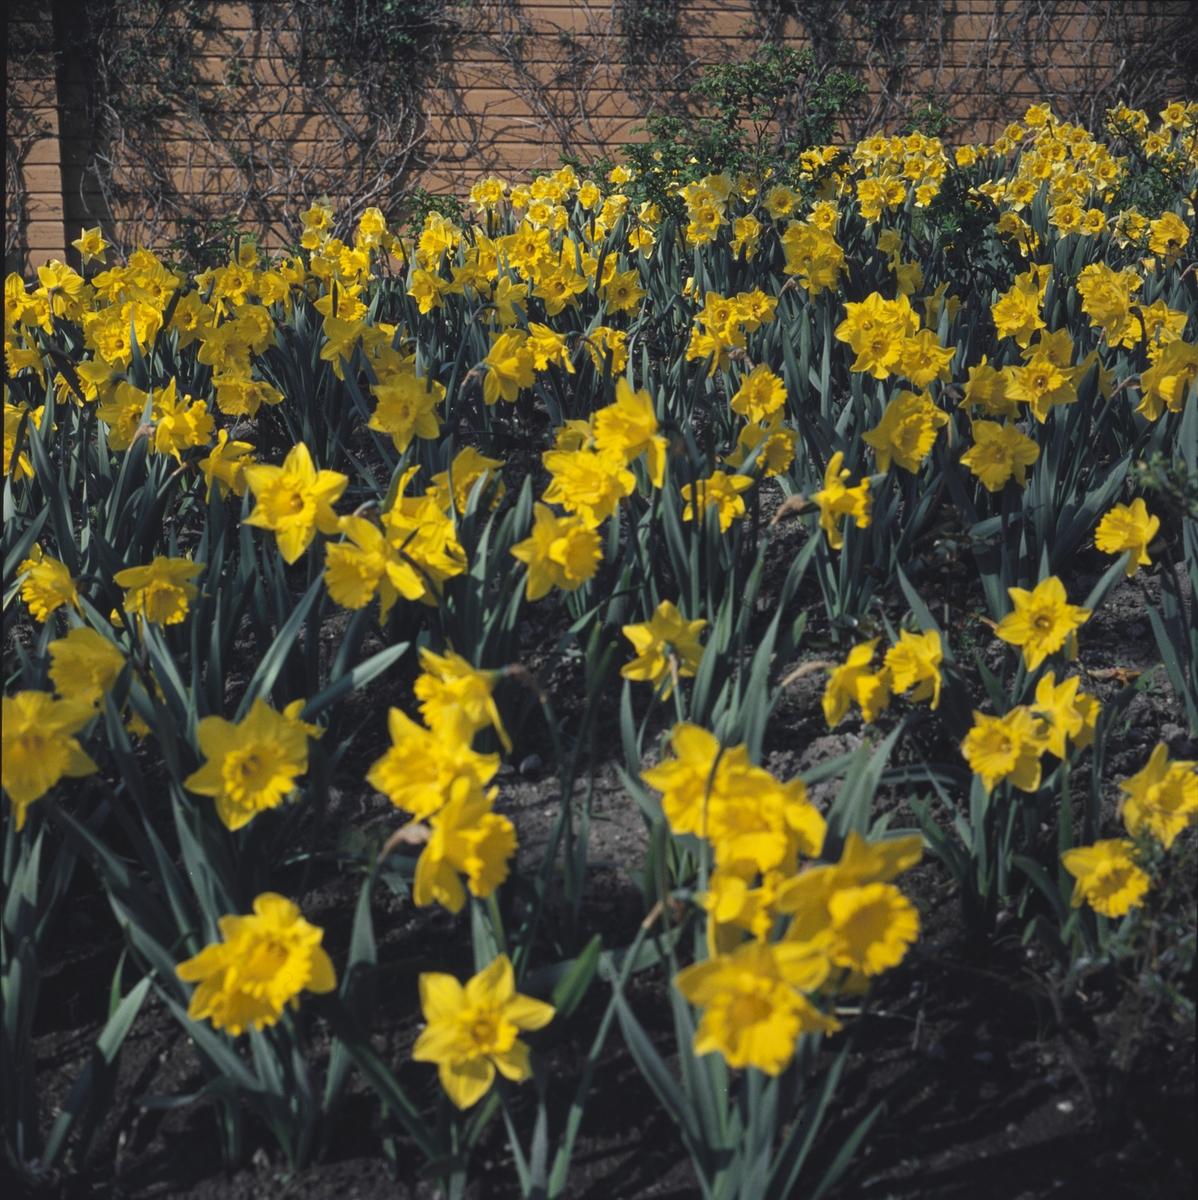 Blommande påskliljor i Rosenträdgårdens rabatt.